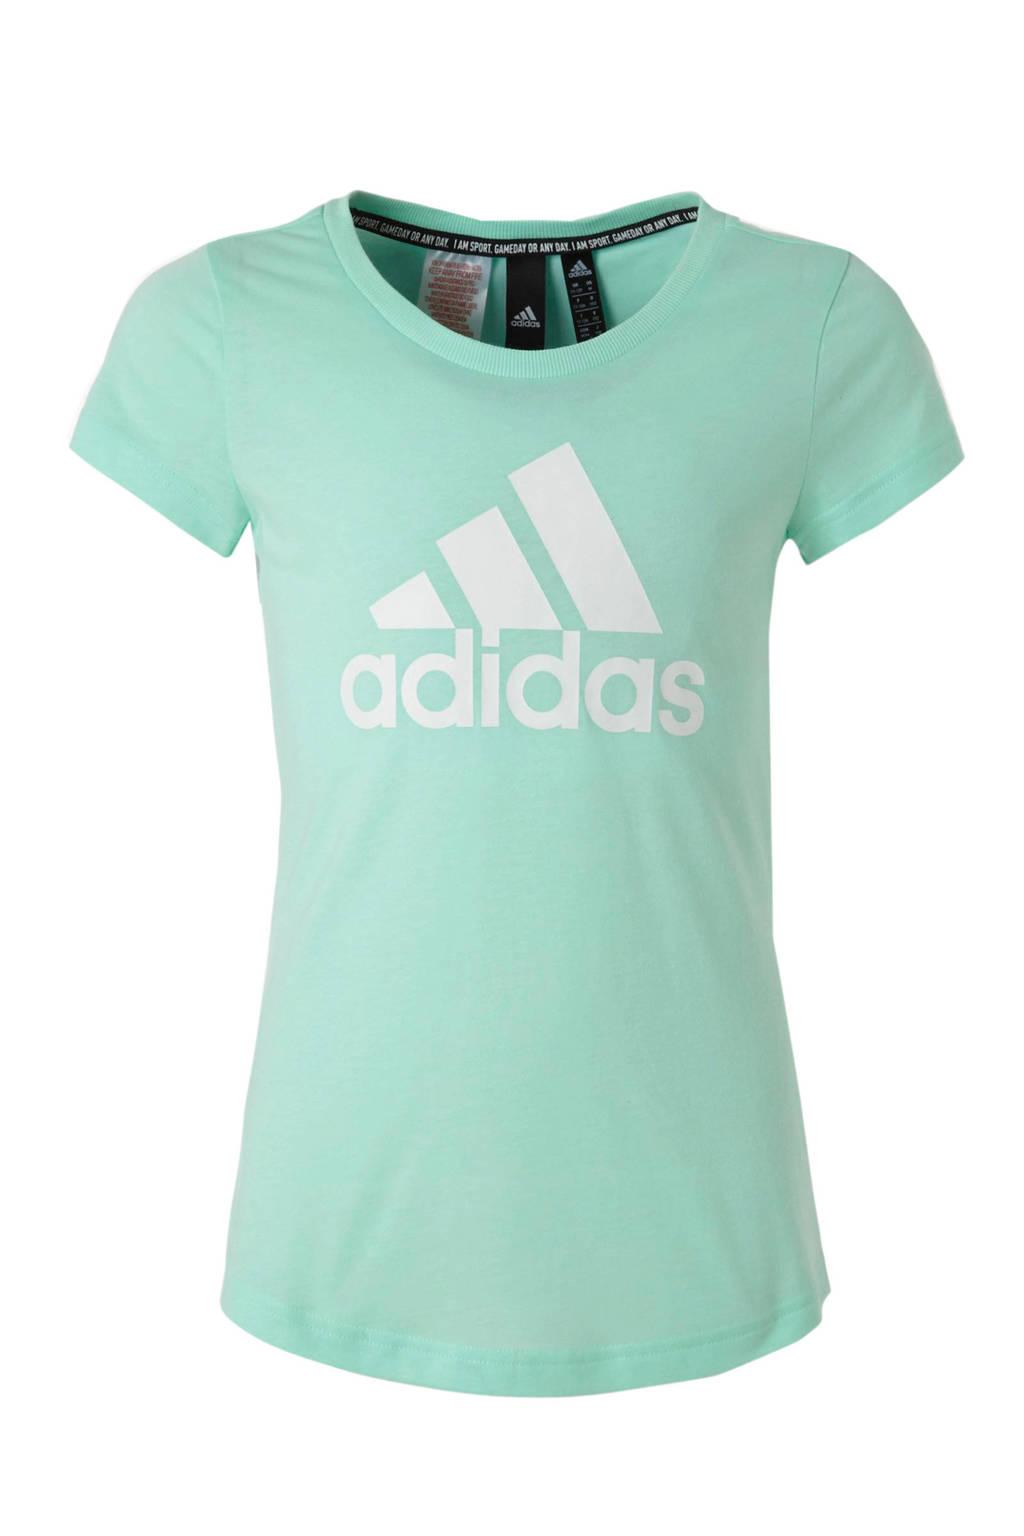 adidas performance sport T-shirt mintgroen, Mintgroen